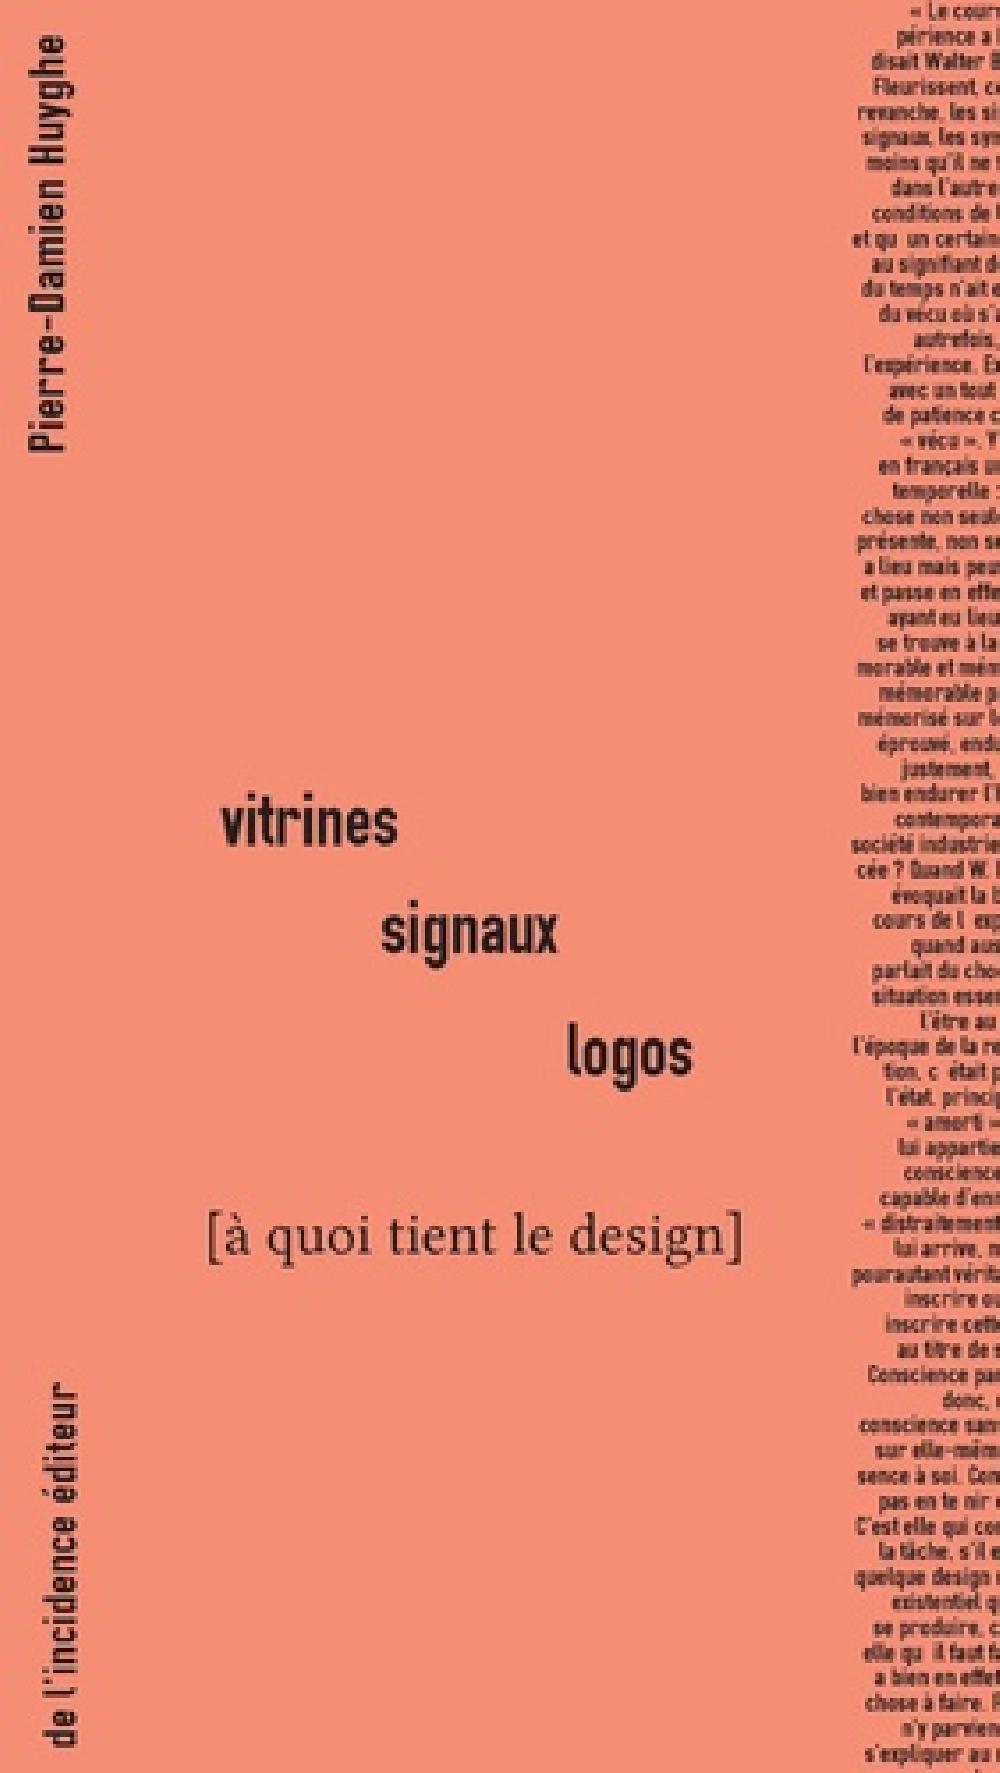 Vitrines signaux logos - À quoi tient le design